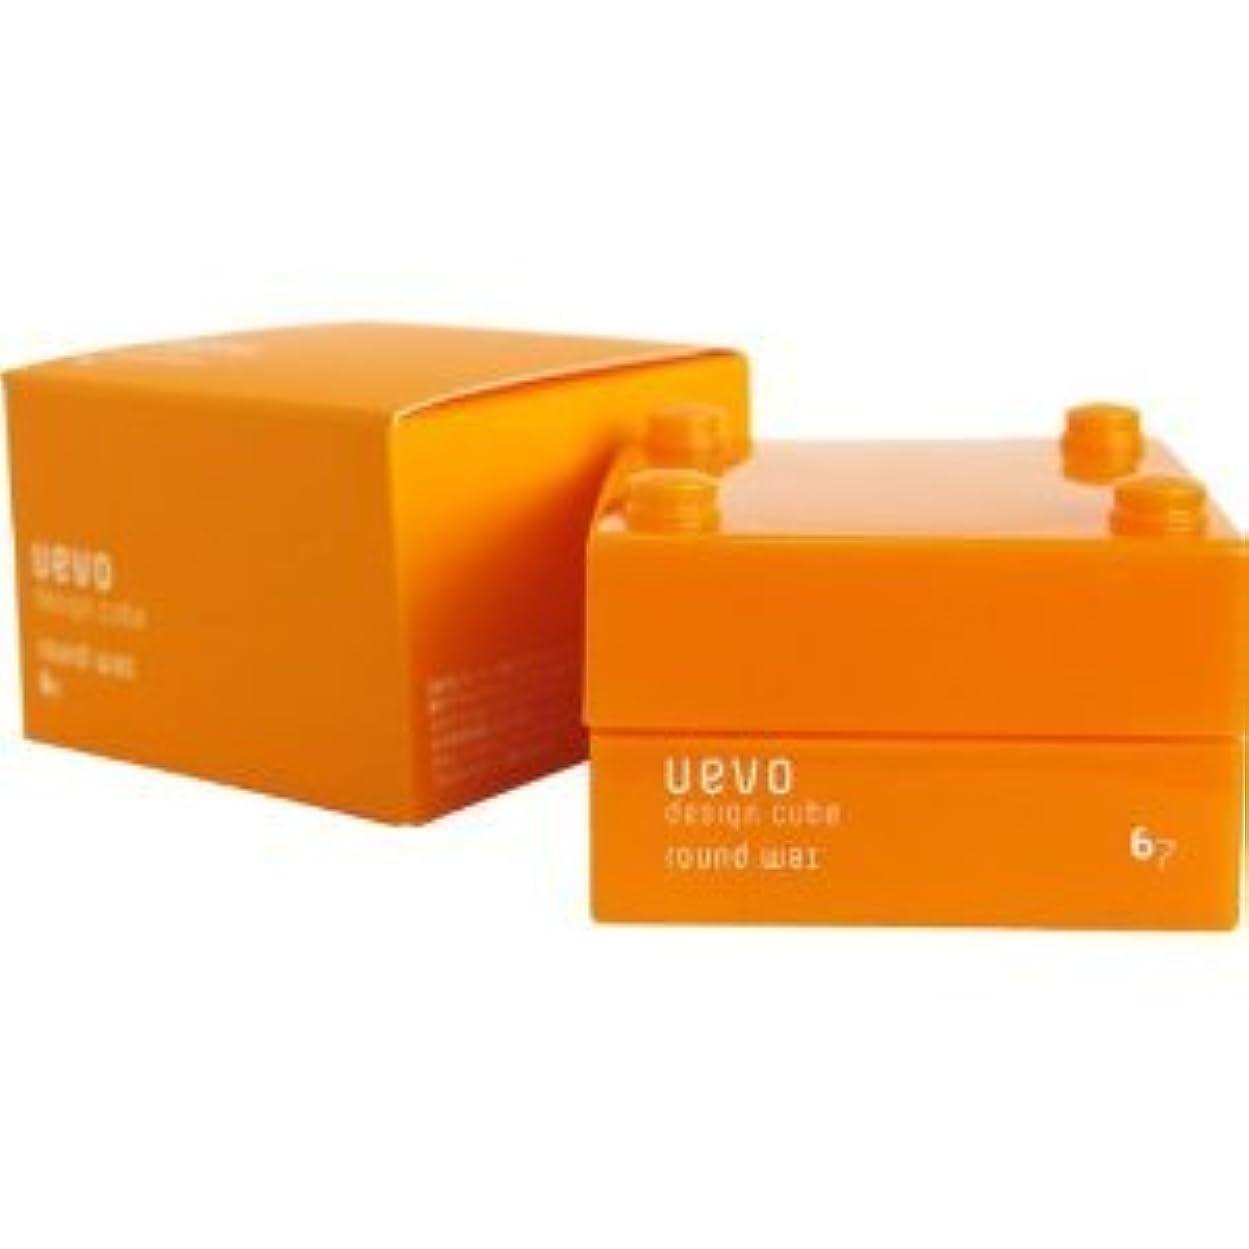 幸福誰の彫るデミ ウェーボ デザインキューブ ラウンドワックス 30g round wax DEMI uevo design cube